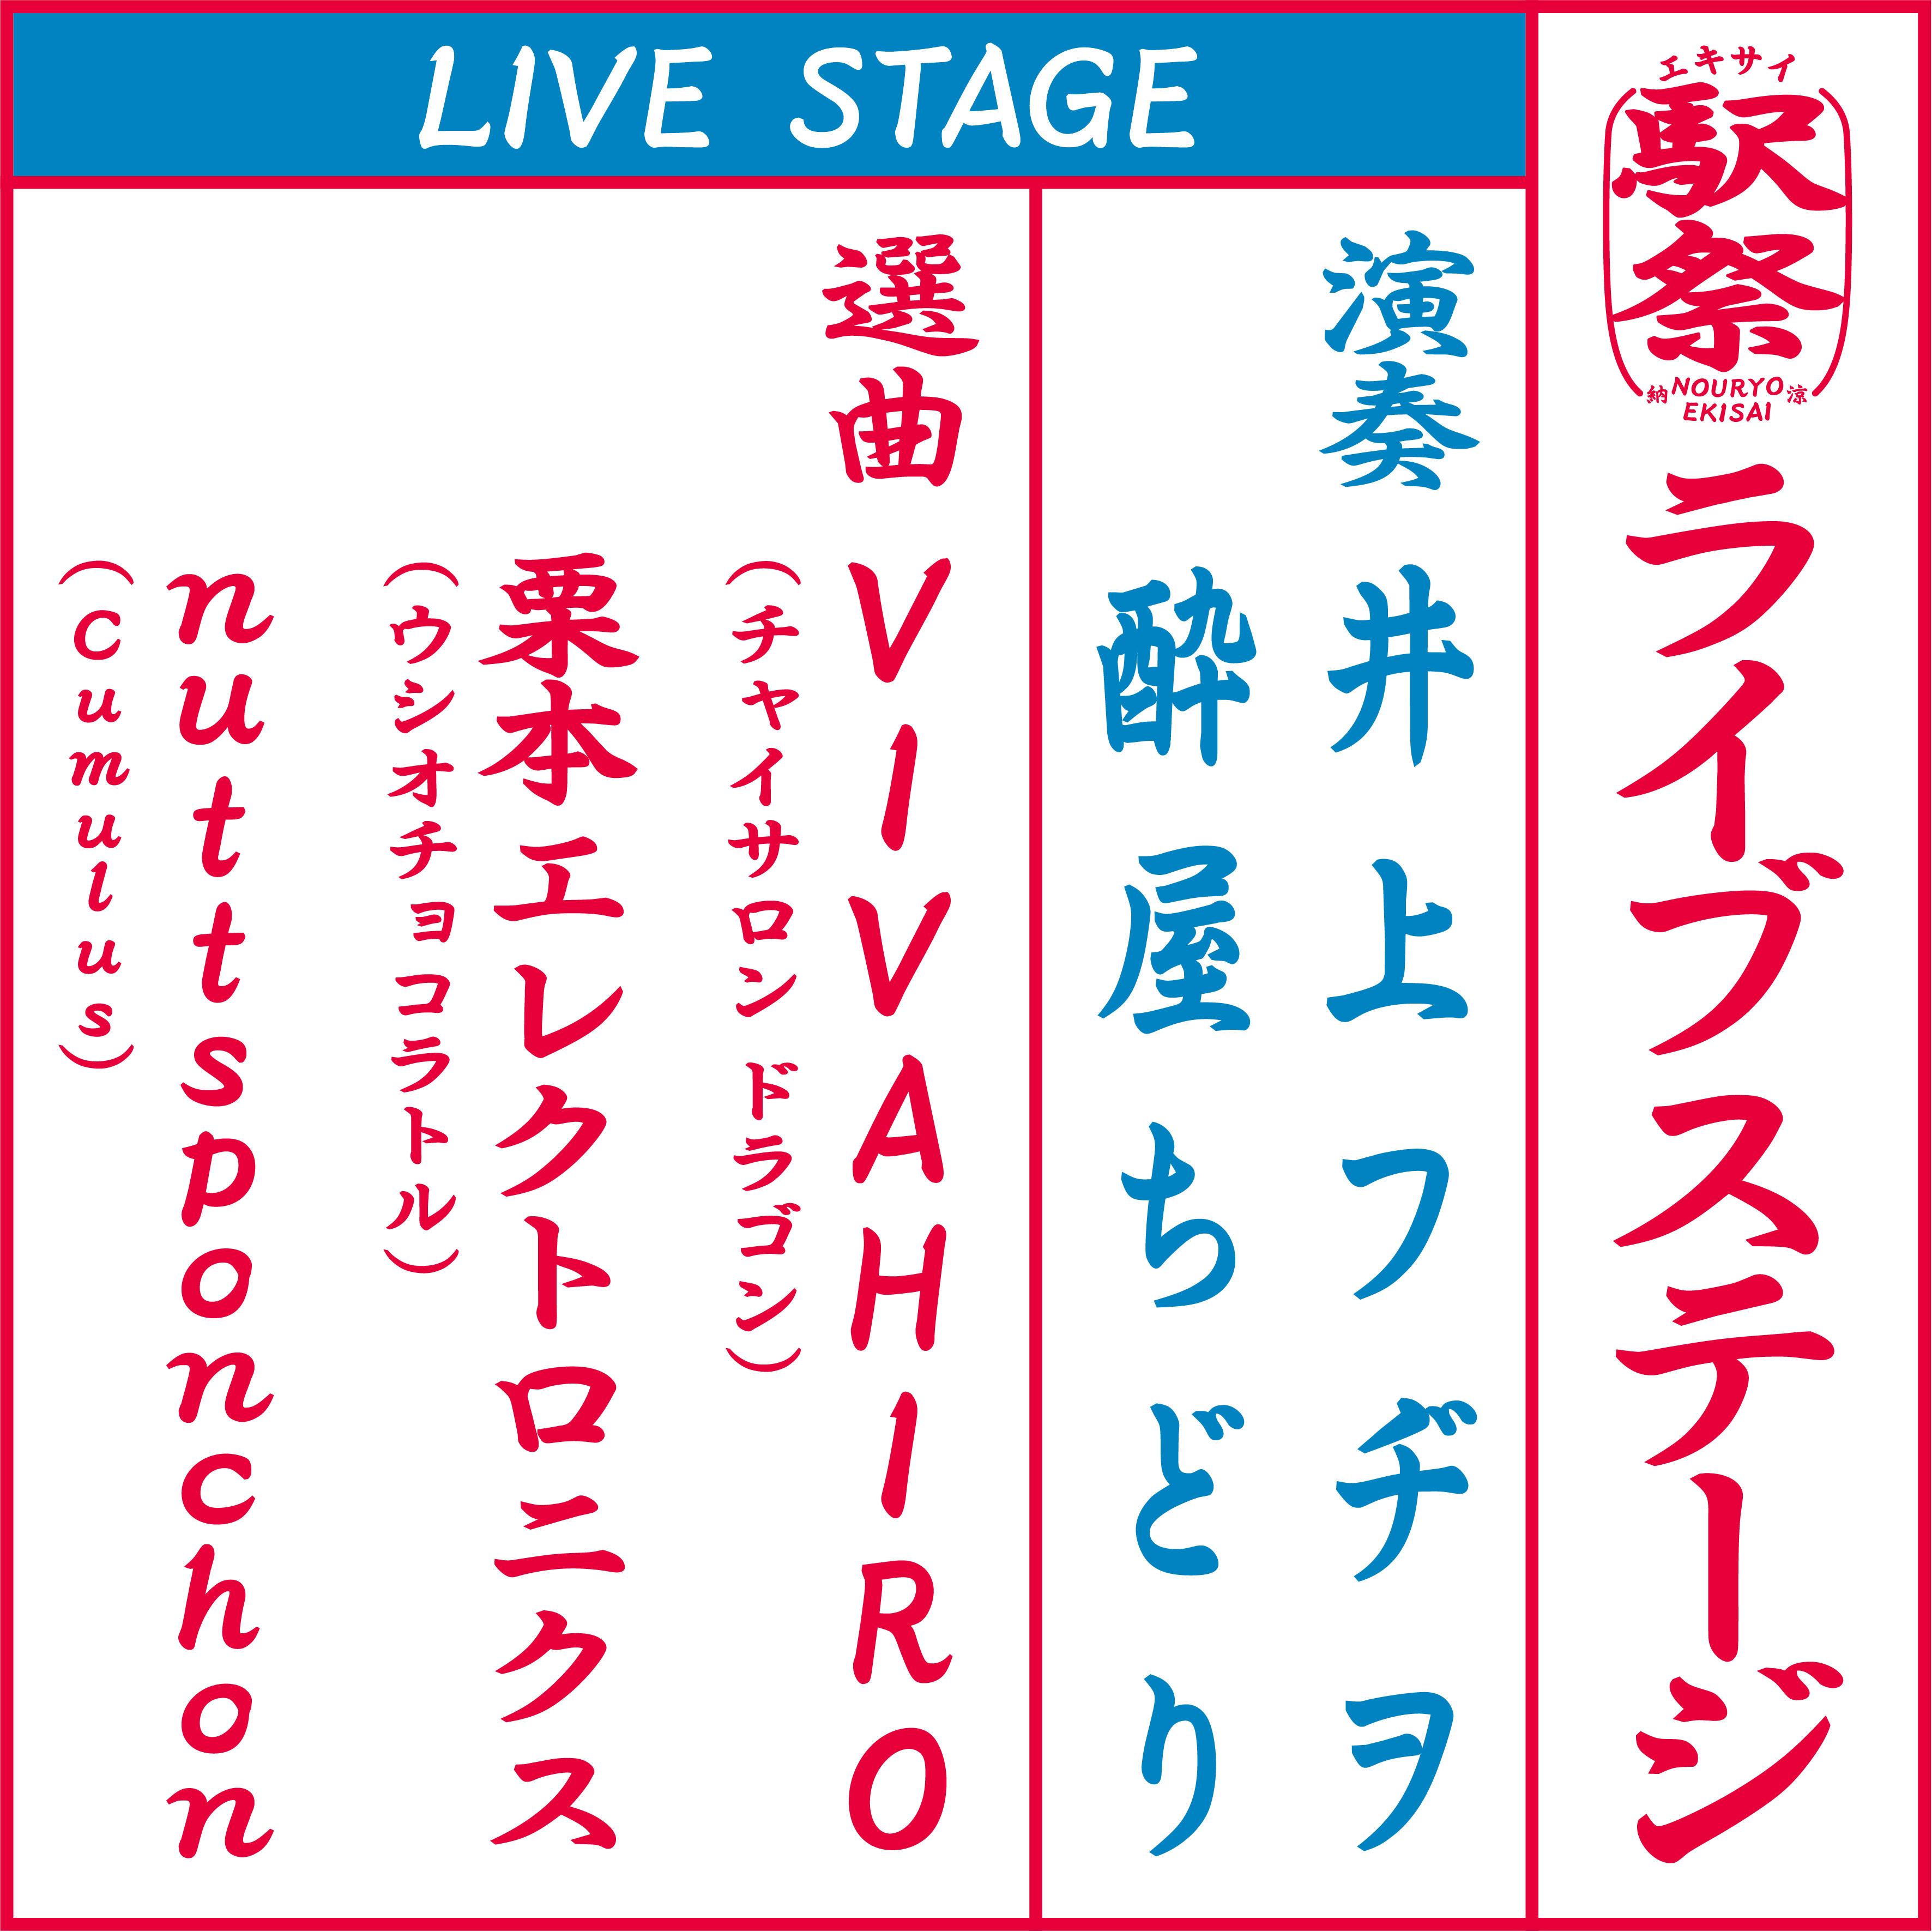 駅祭 -エキサイ- 音楽